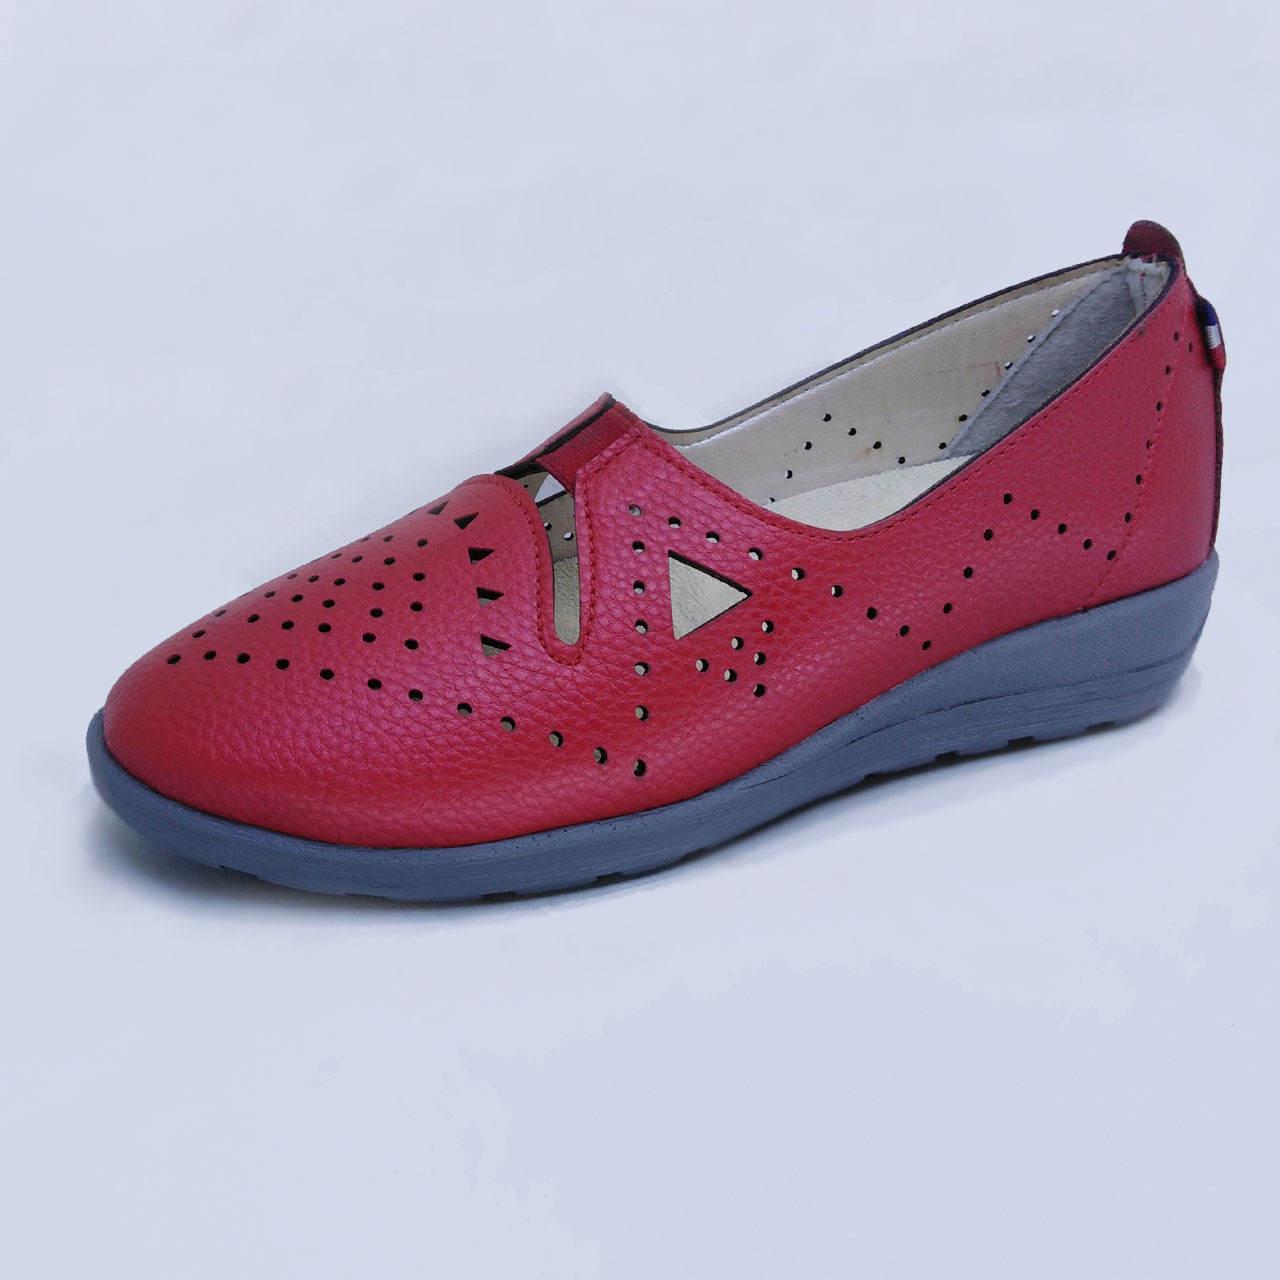 کفش روزمره زنانه مدل بیتا کد L1- 98 رنگ قرمز -  - 2